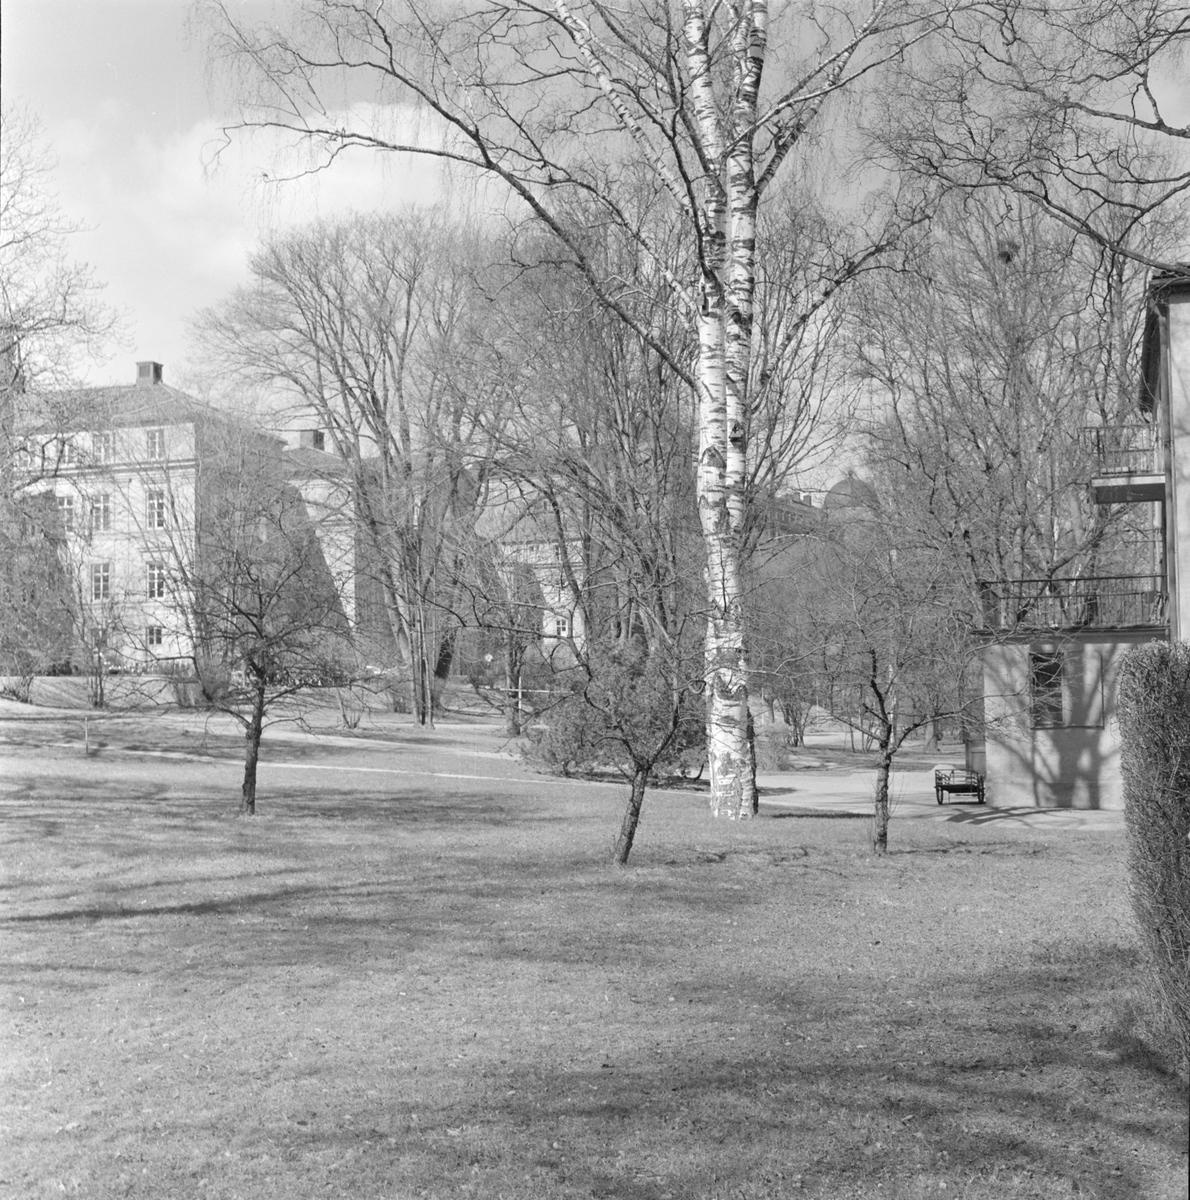 Park utanför Akademiska sjukhuset, avdelning B 29-36, Uppsala 1958